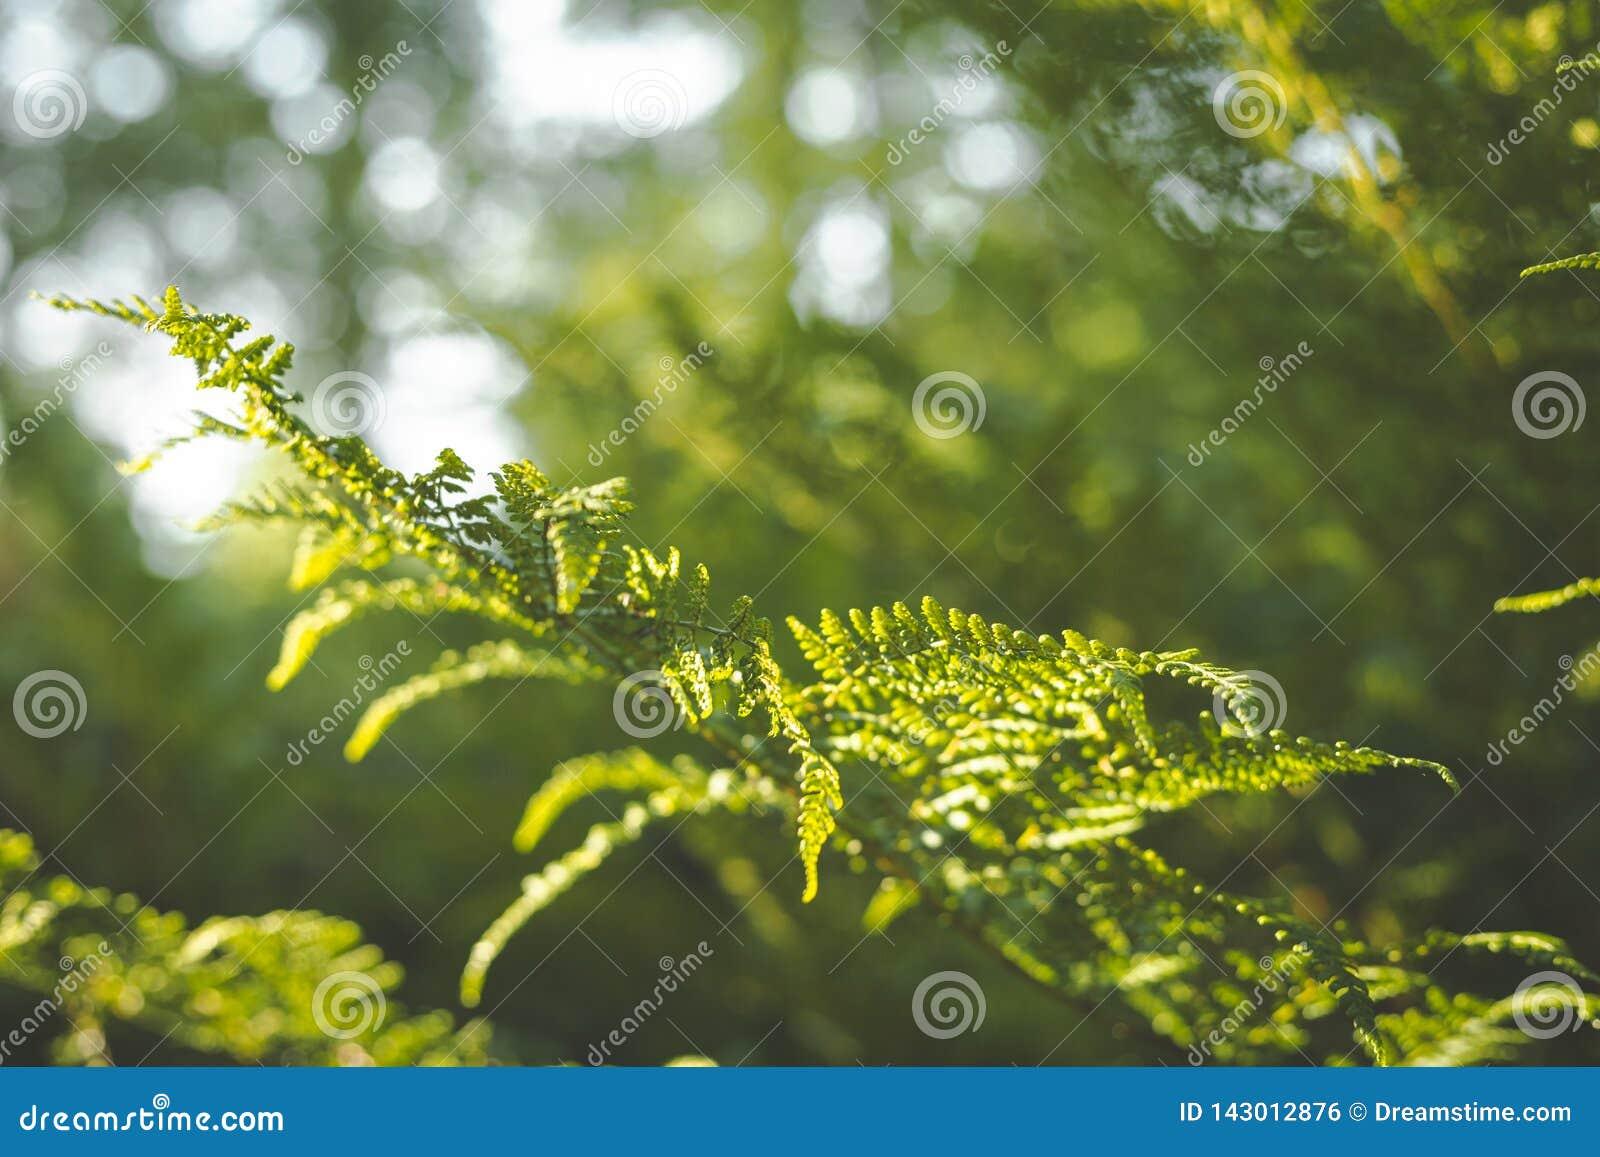 Plan rapproché de feuille de fougère au soleil fond vert avec le ciel bleu